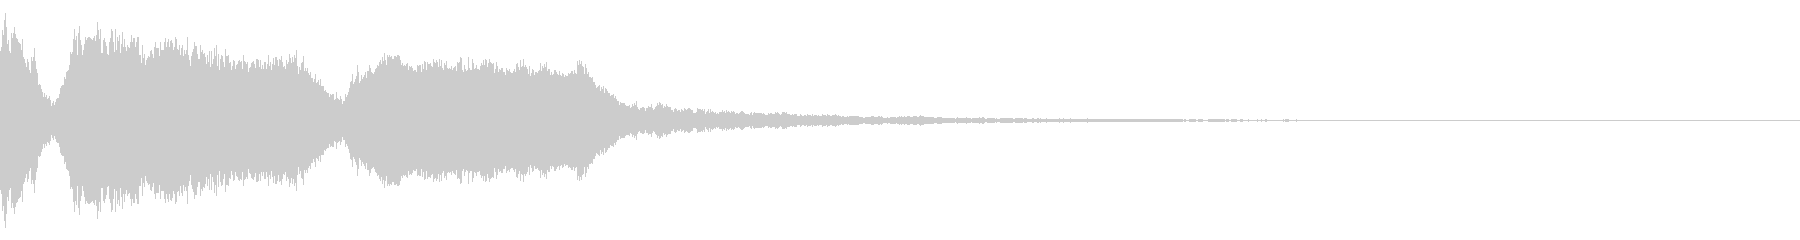 DJFX ヒットチャート発表前SE 3の未再生の波形